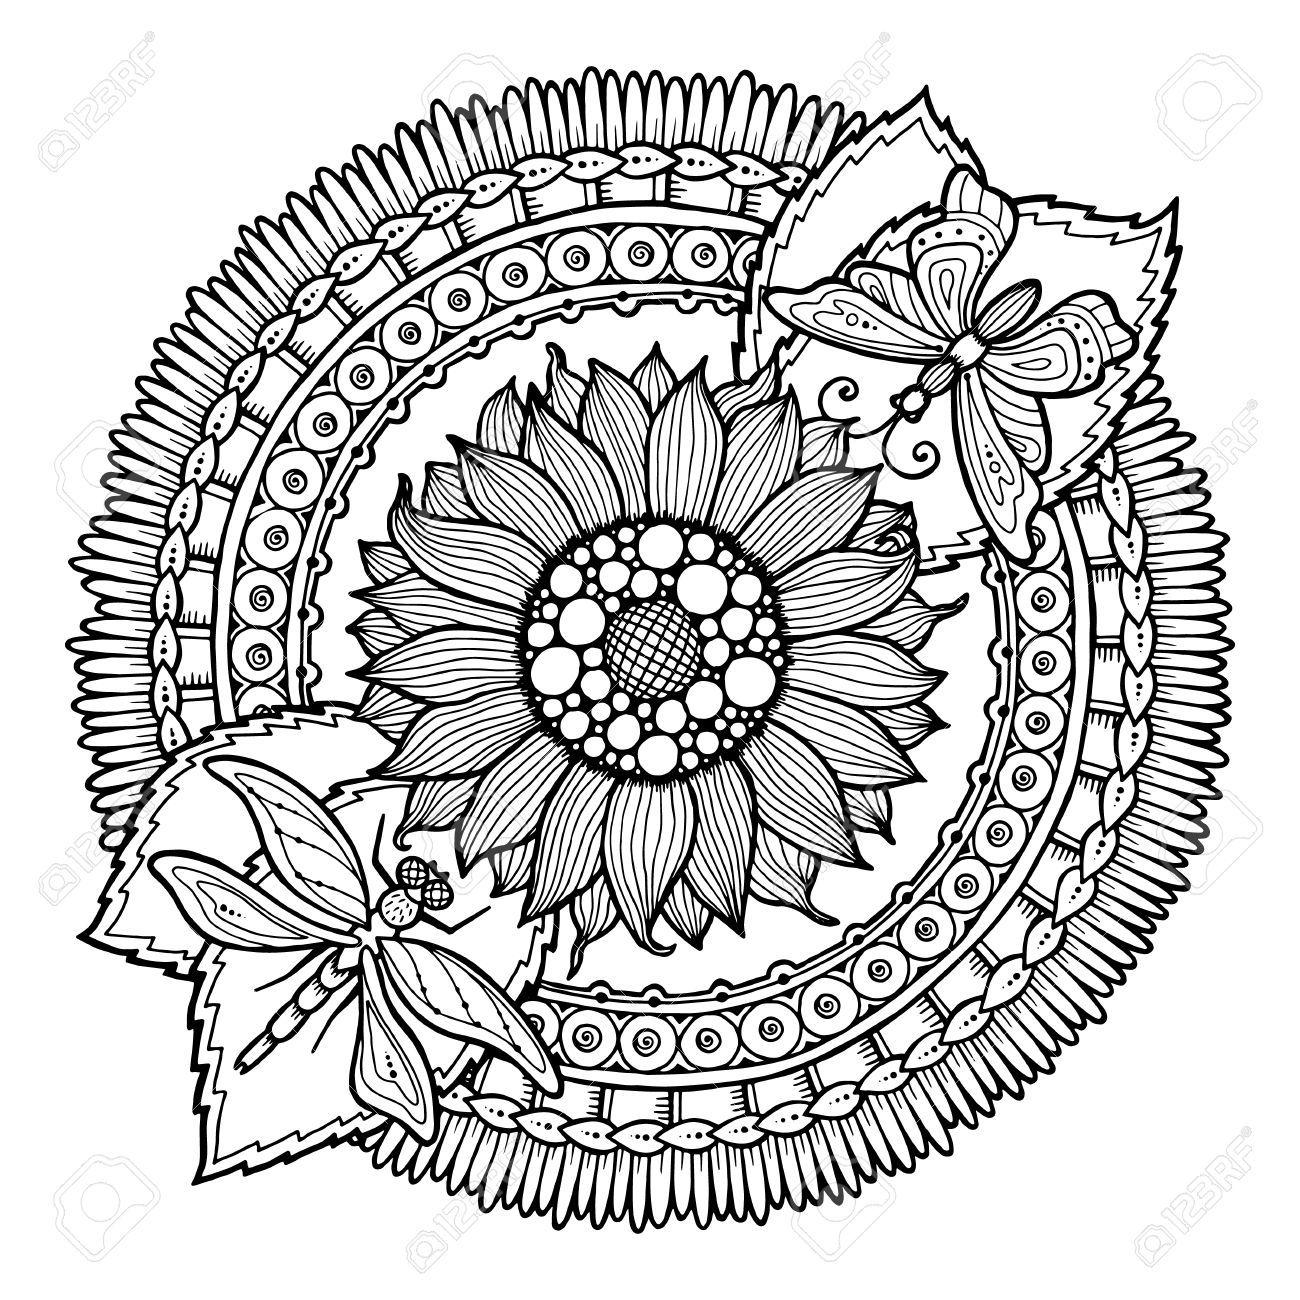 Kreis Sommer Doodle Blumen Ornament Hand Gezeichnet Kunst Mandala Hergestellt Von Trace Von Der Skizze Schwarz Weiss Ethnischen Hintergrund Zentangle Muster Blumen Malen Mandala Ausmalen Muster Malvorlagen